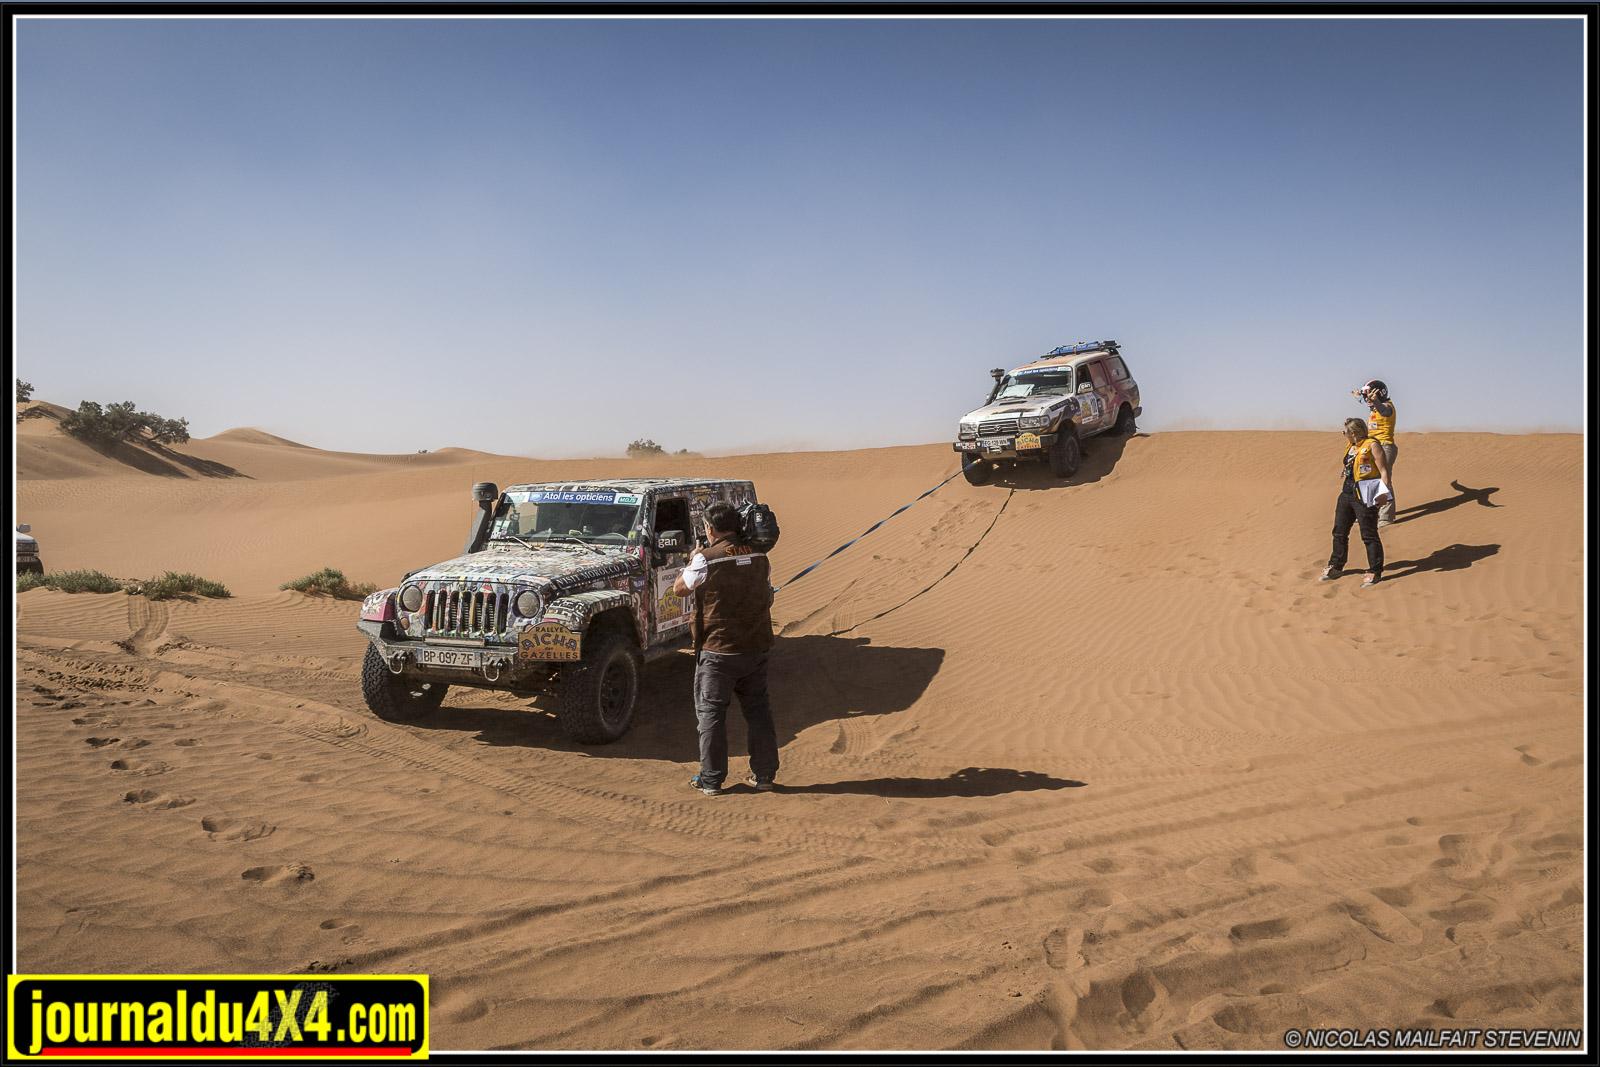 rallye-aicha-gazelles-maroc-2017-7167.jpg